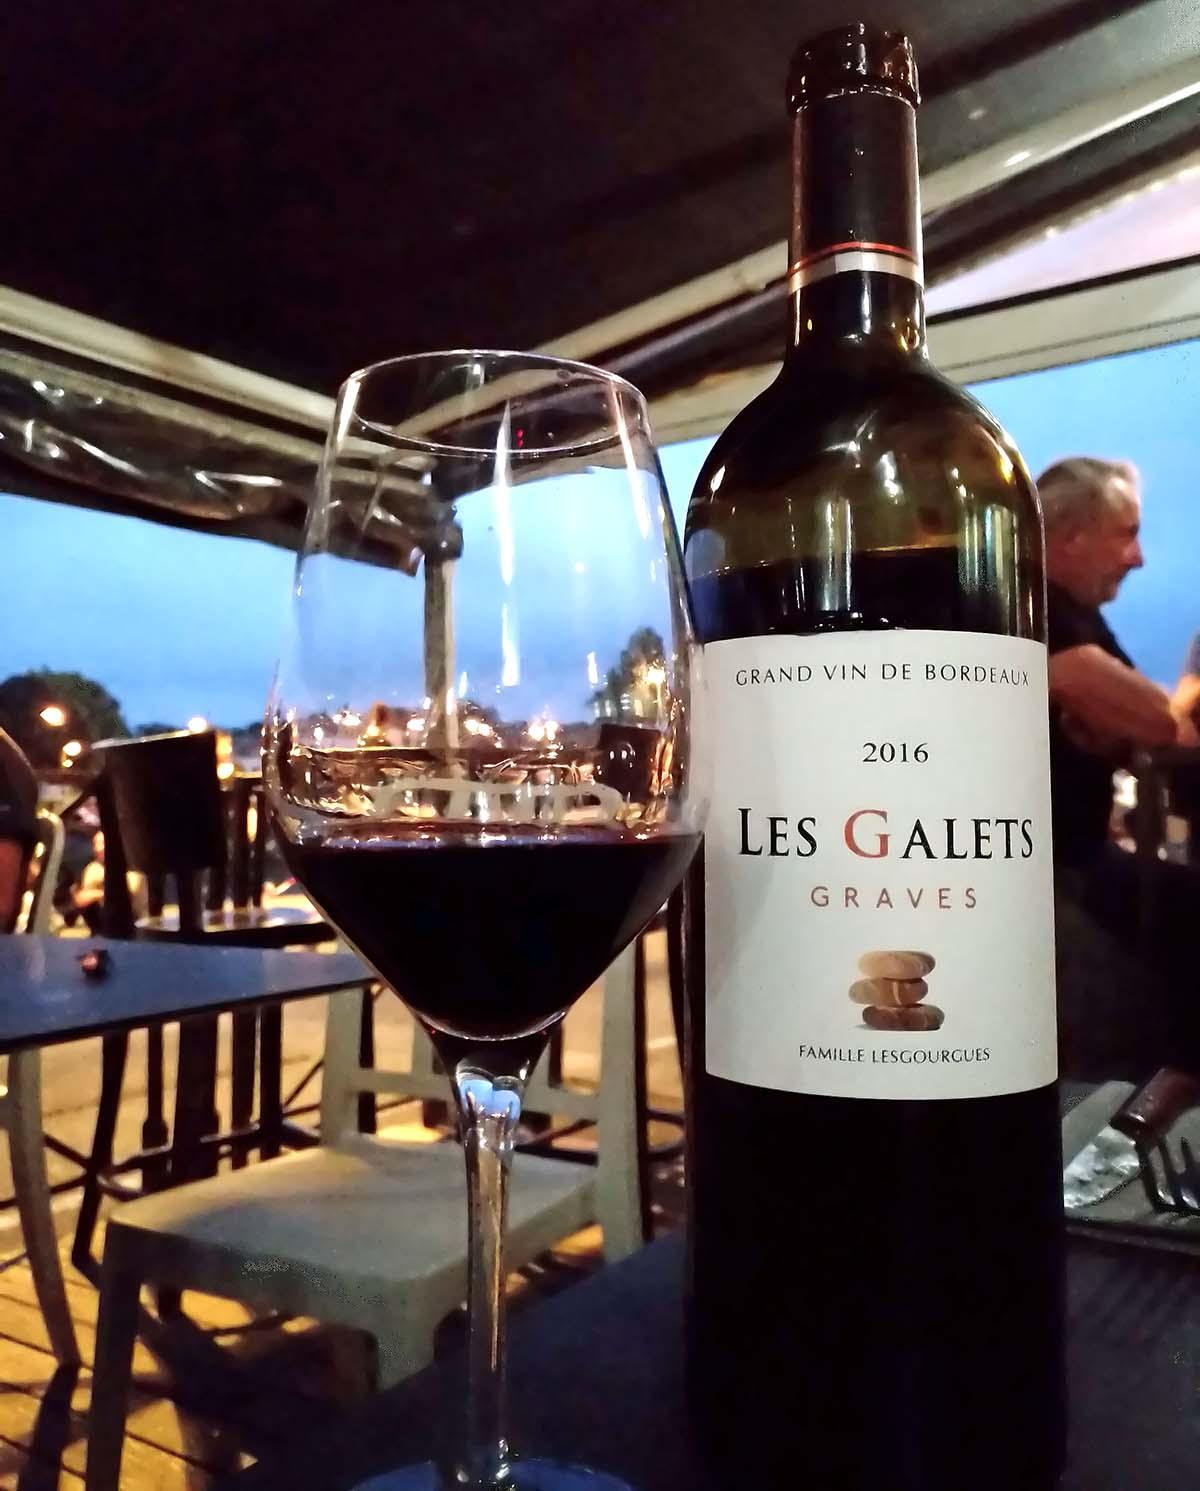 Les Galets Graves 2016 Bordeaux